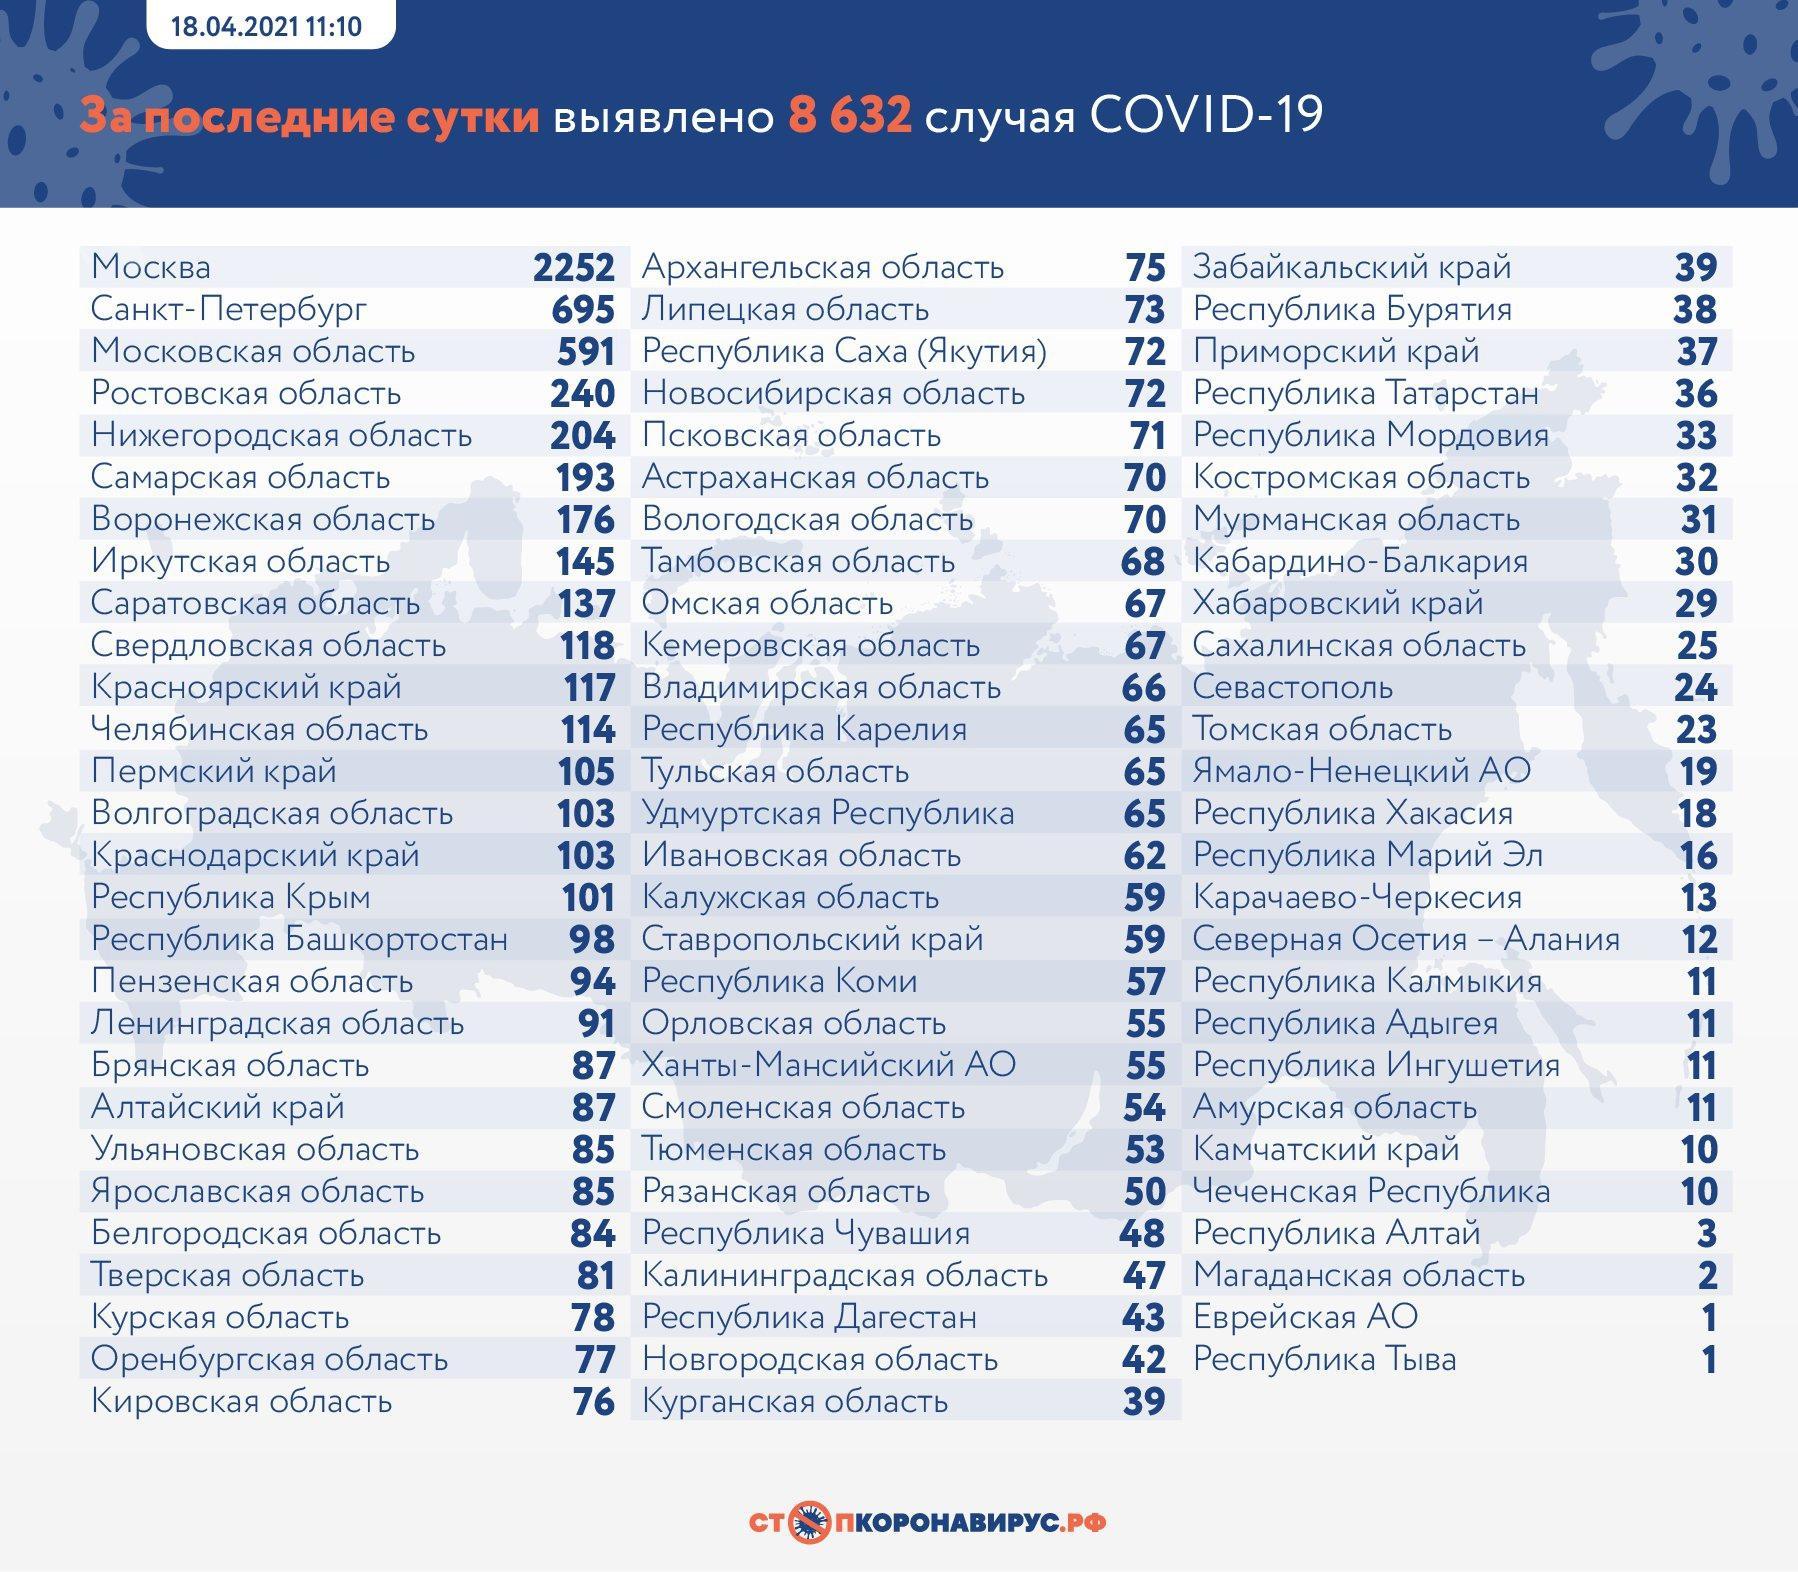 фото В России за сутки выявили 8 632 случая заражения коронавирусом 2